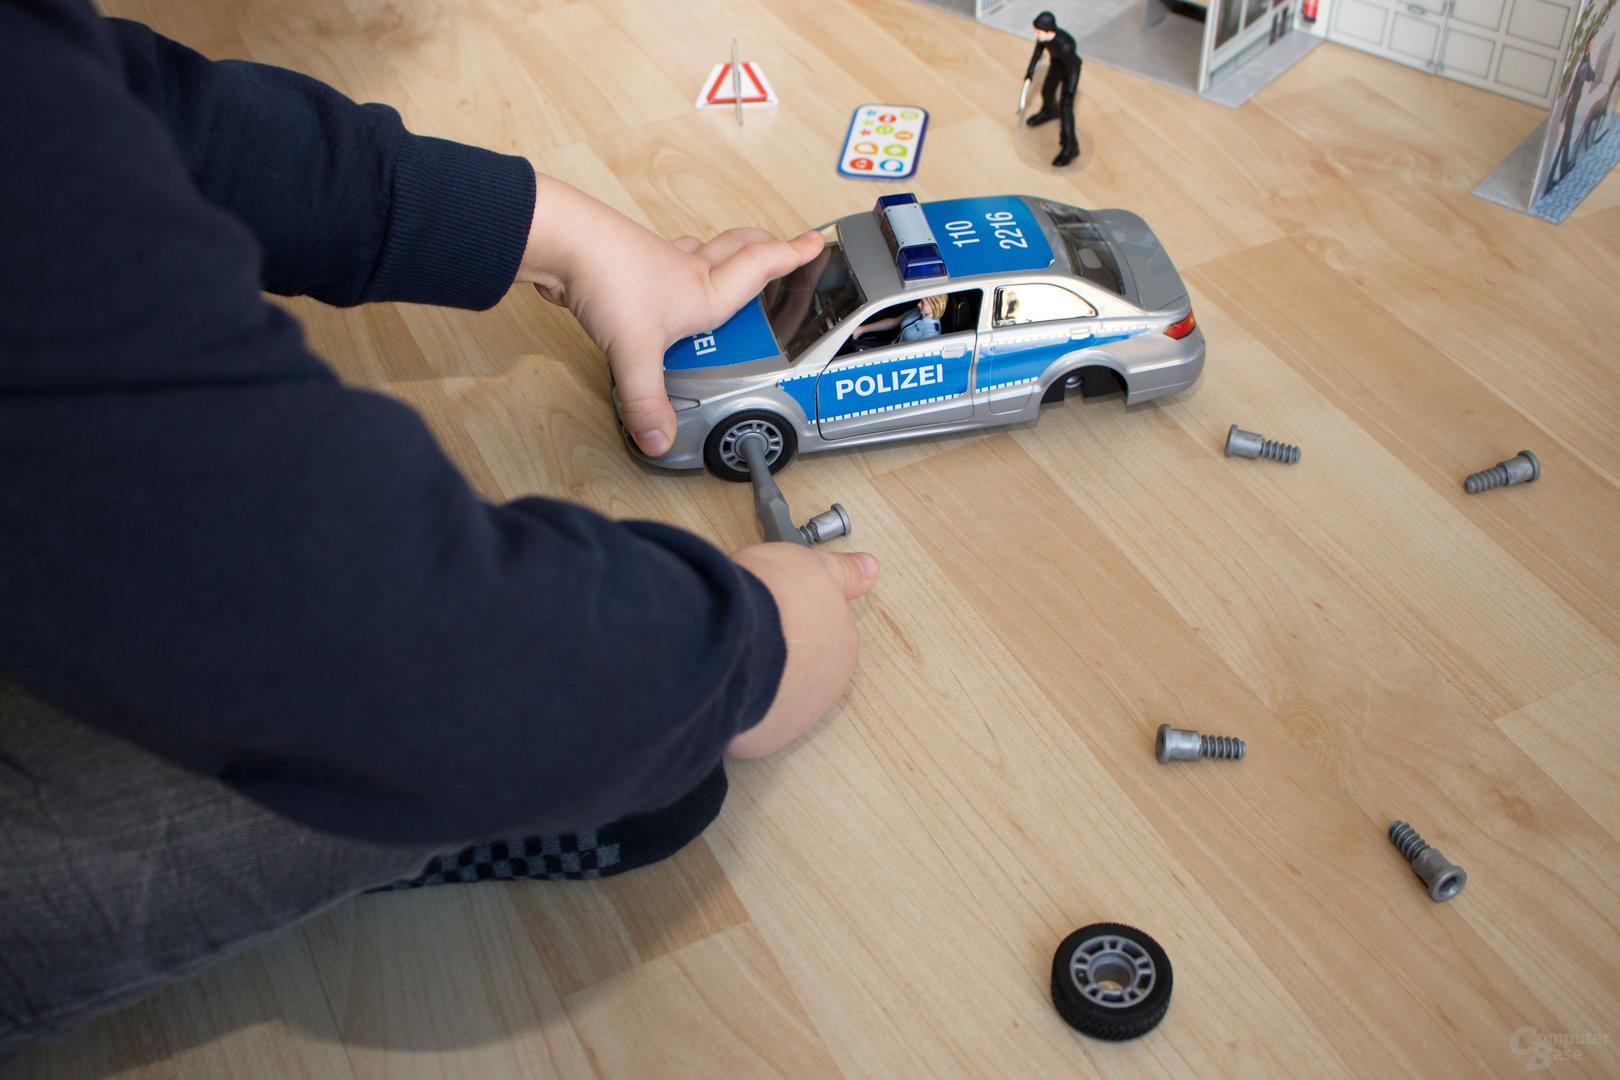 Der Zusammembau des Polizeiautos gestaltet sich einfach